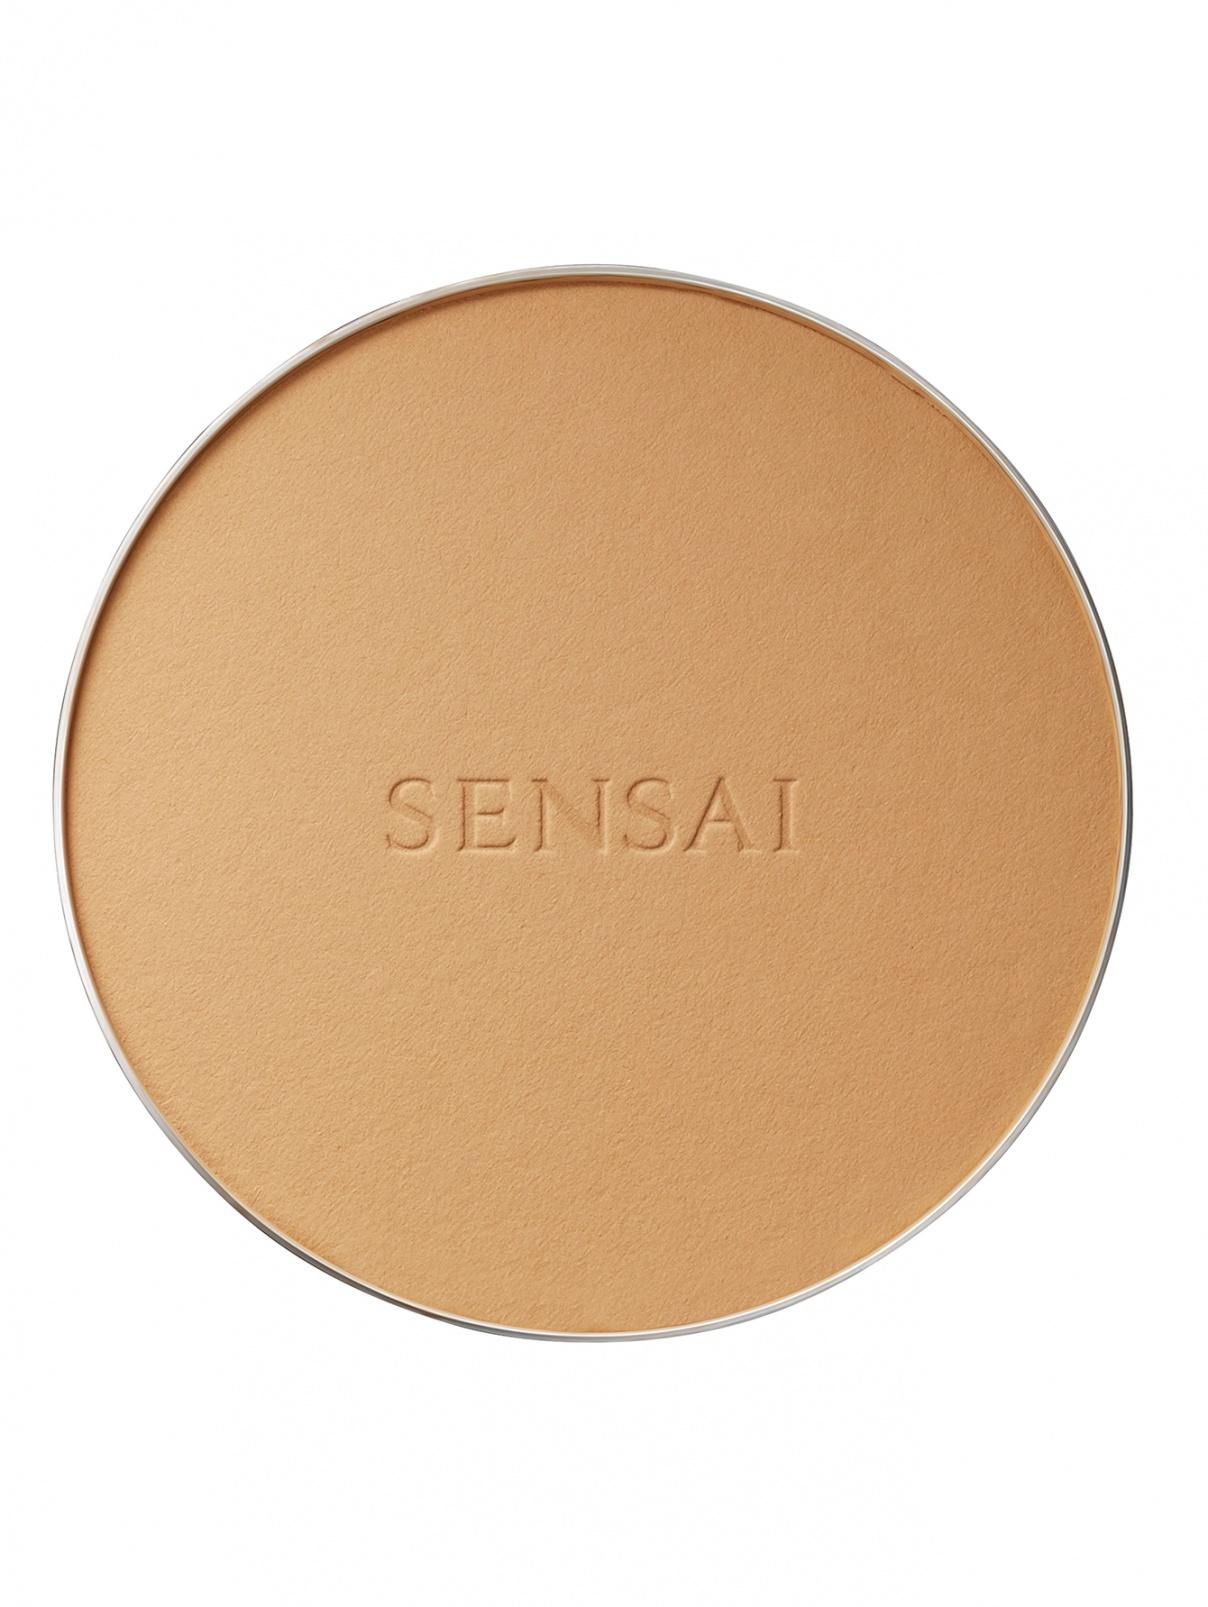 Тональная пудра для лица TF204.5 Total Finish Sensai  –  Общий вид